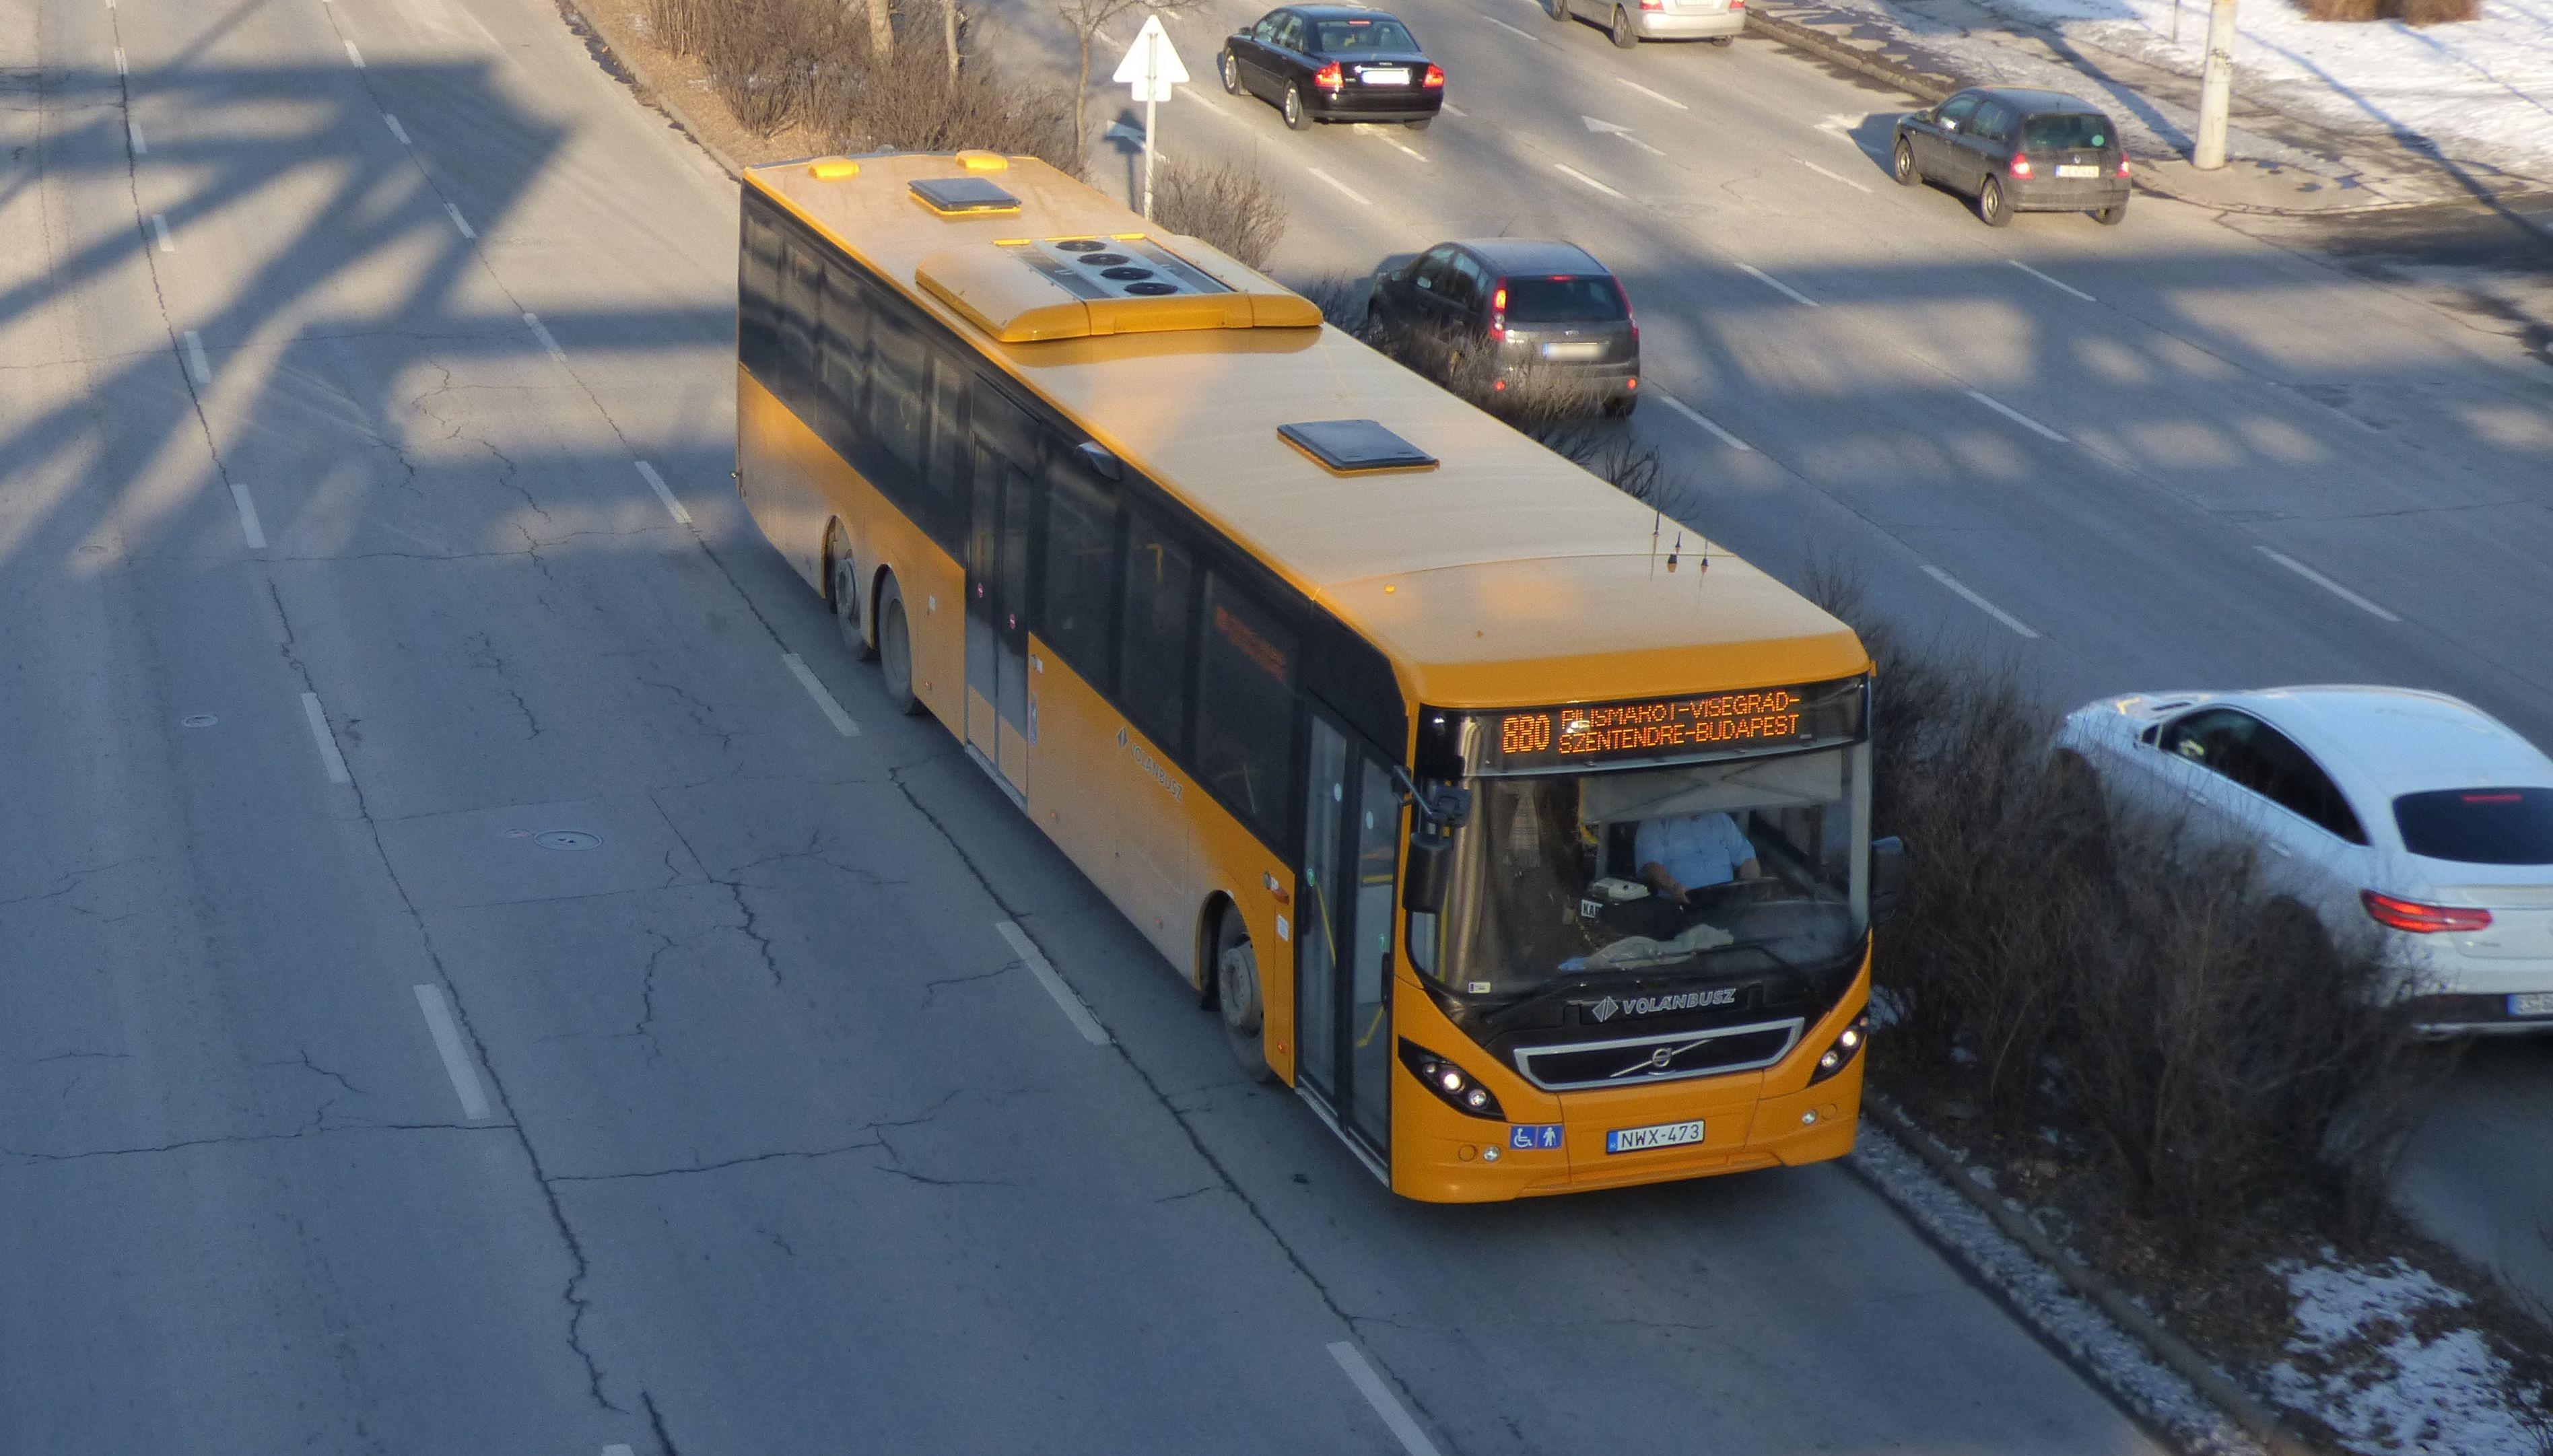 File:880-as busz (NWX-473).jpg